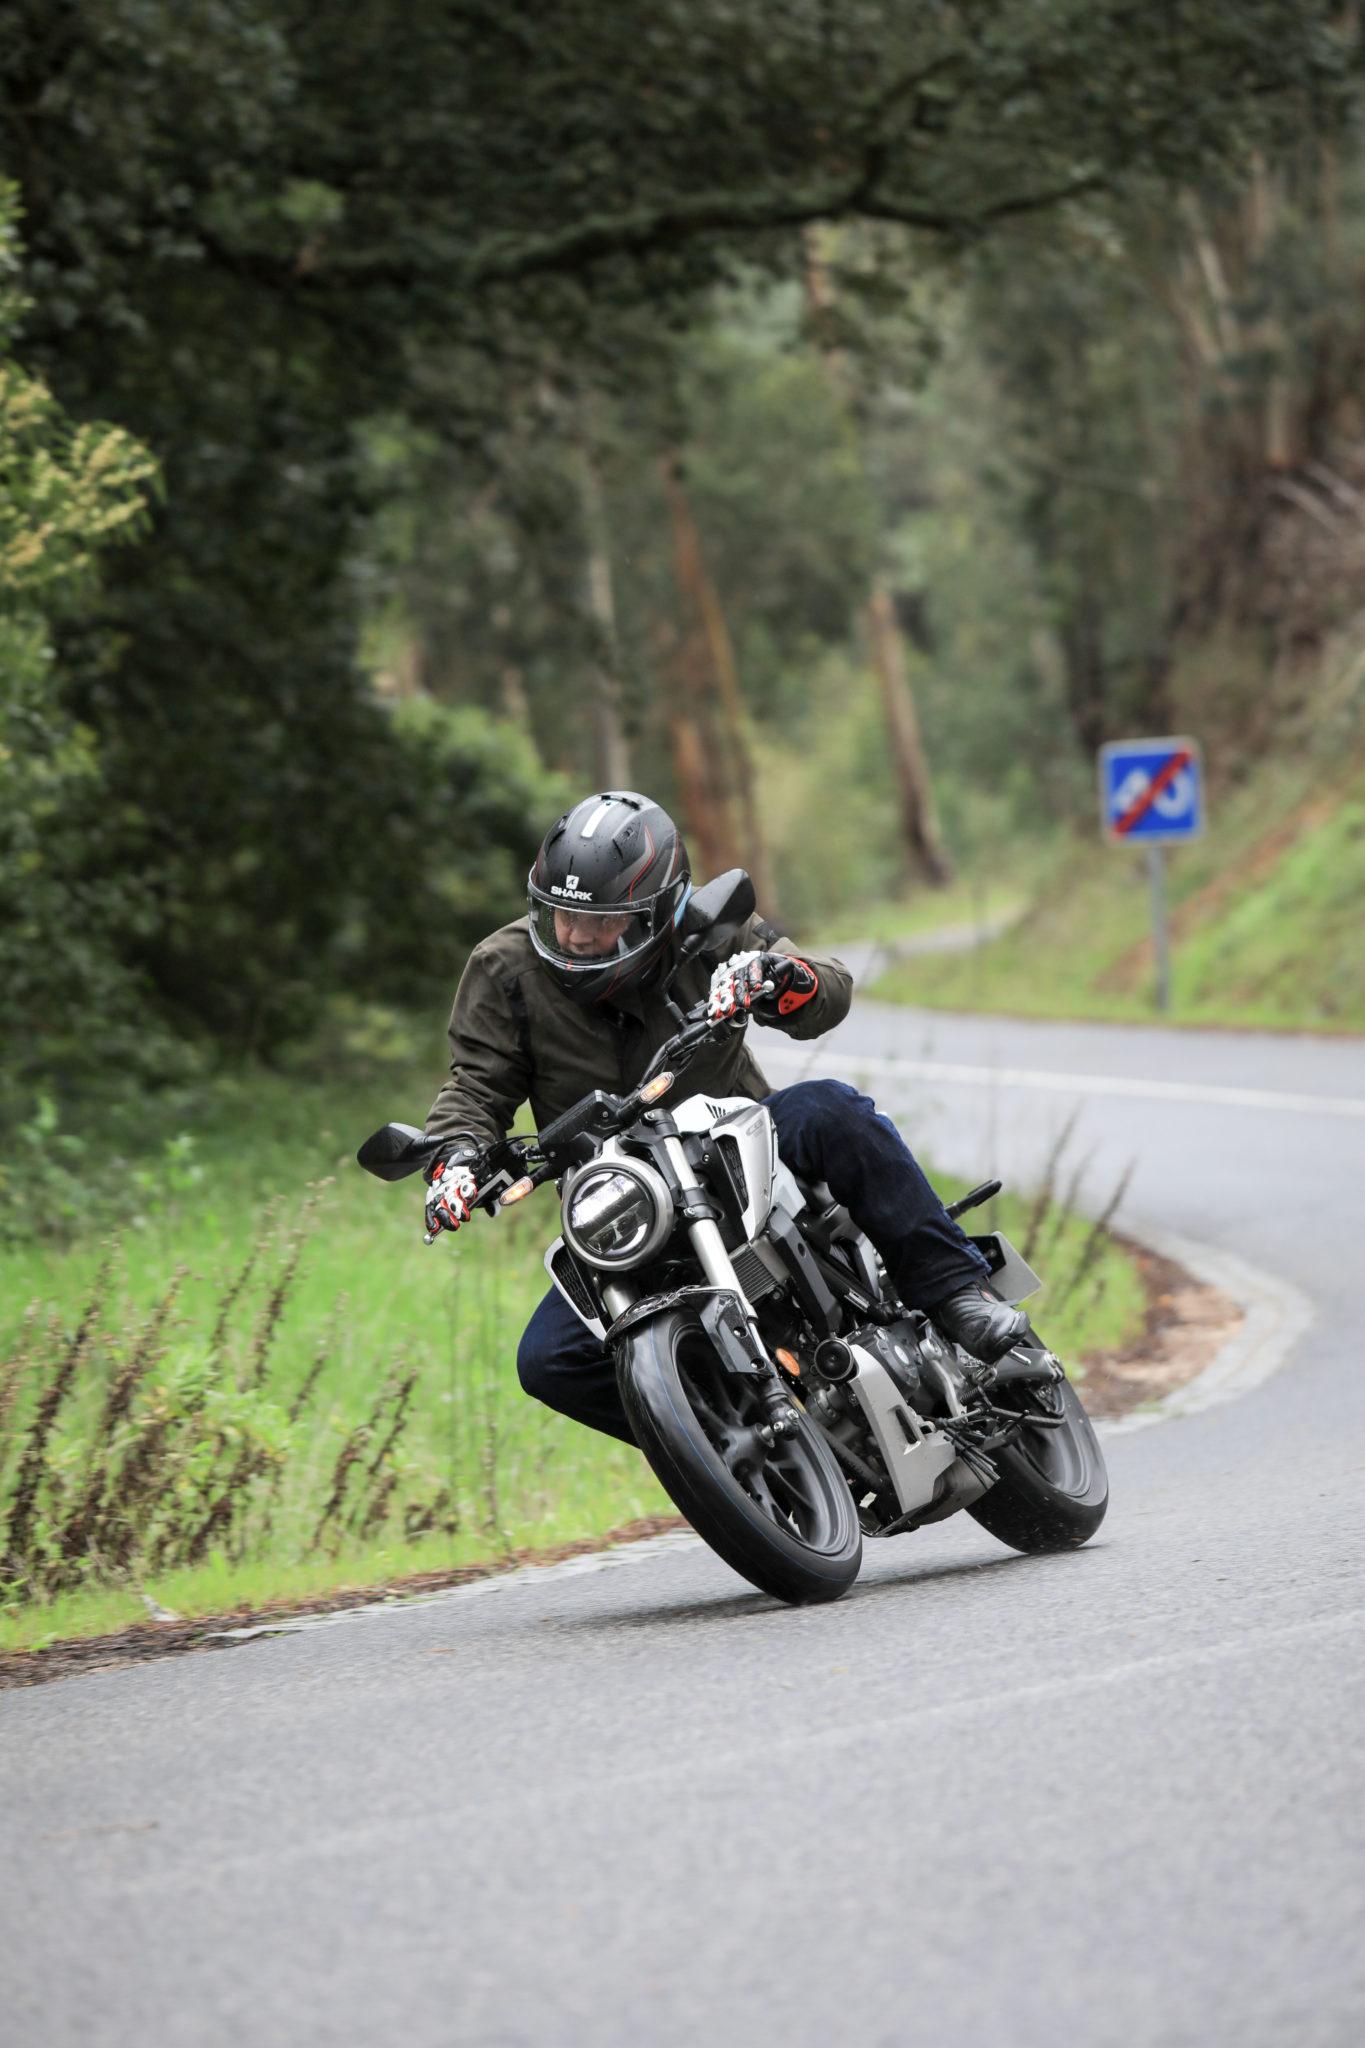 51212_Honda CB125R YM18 5012